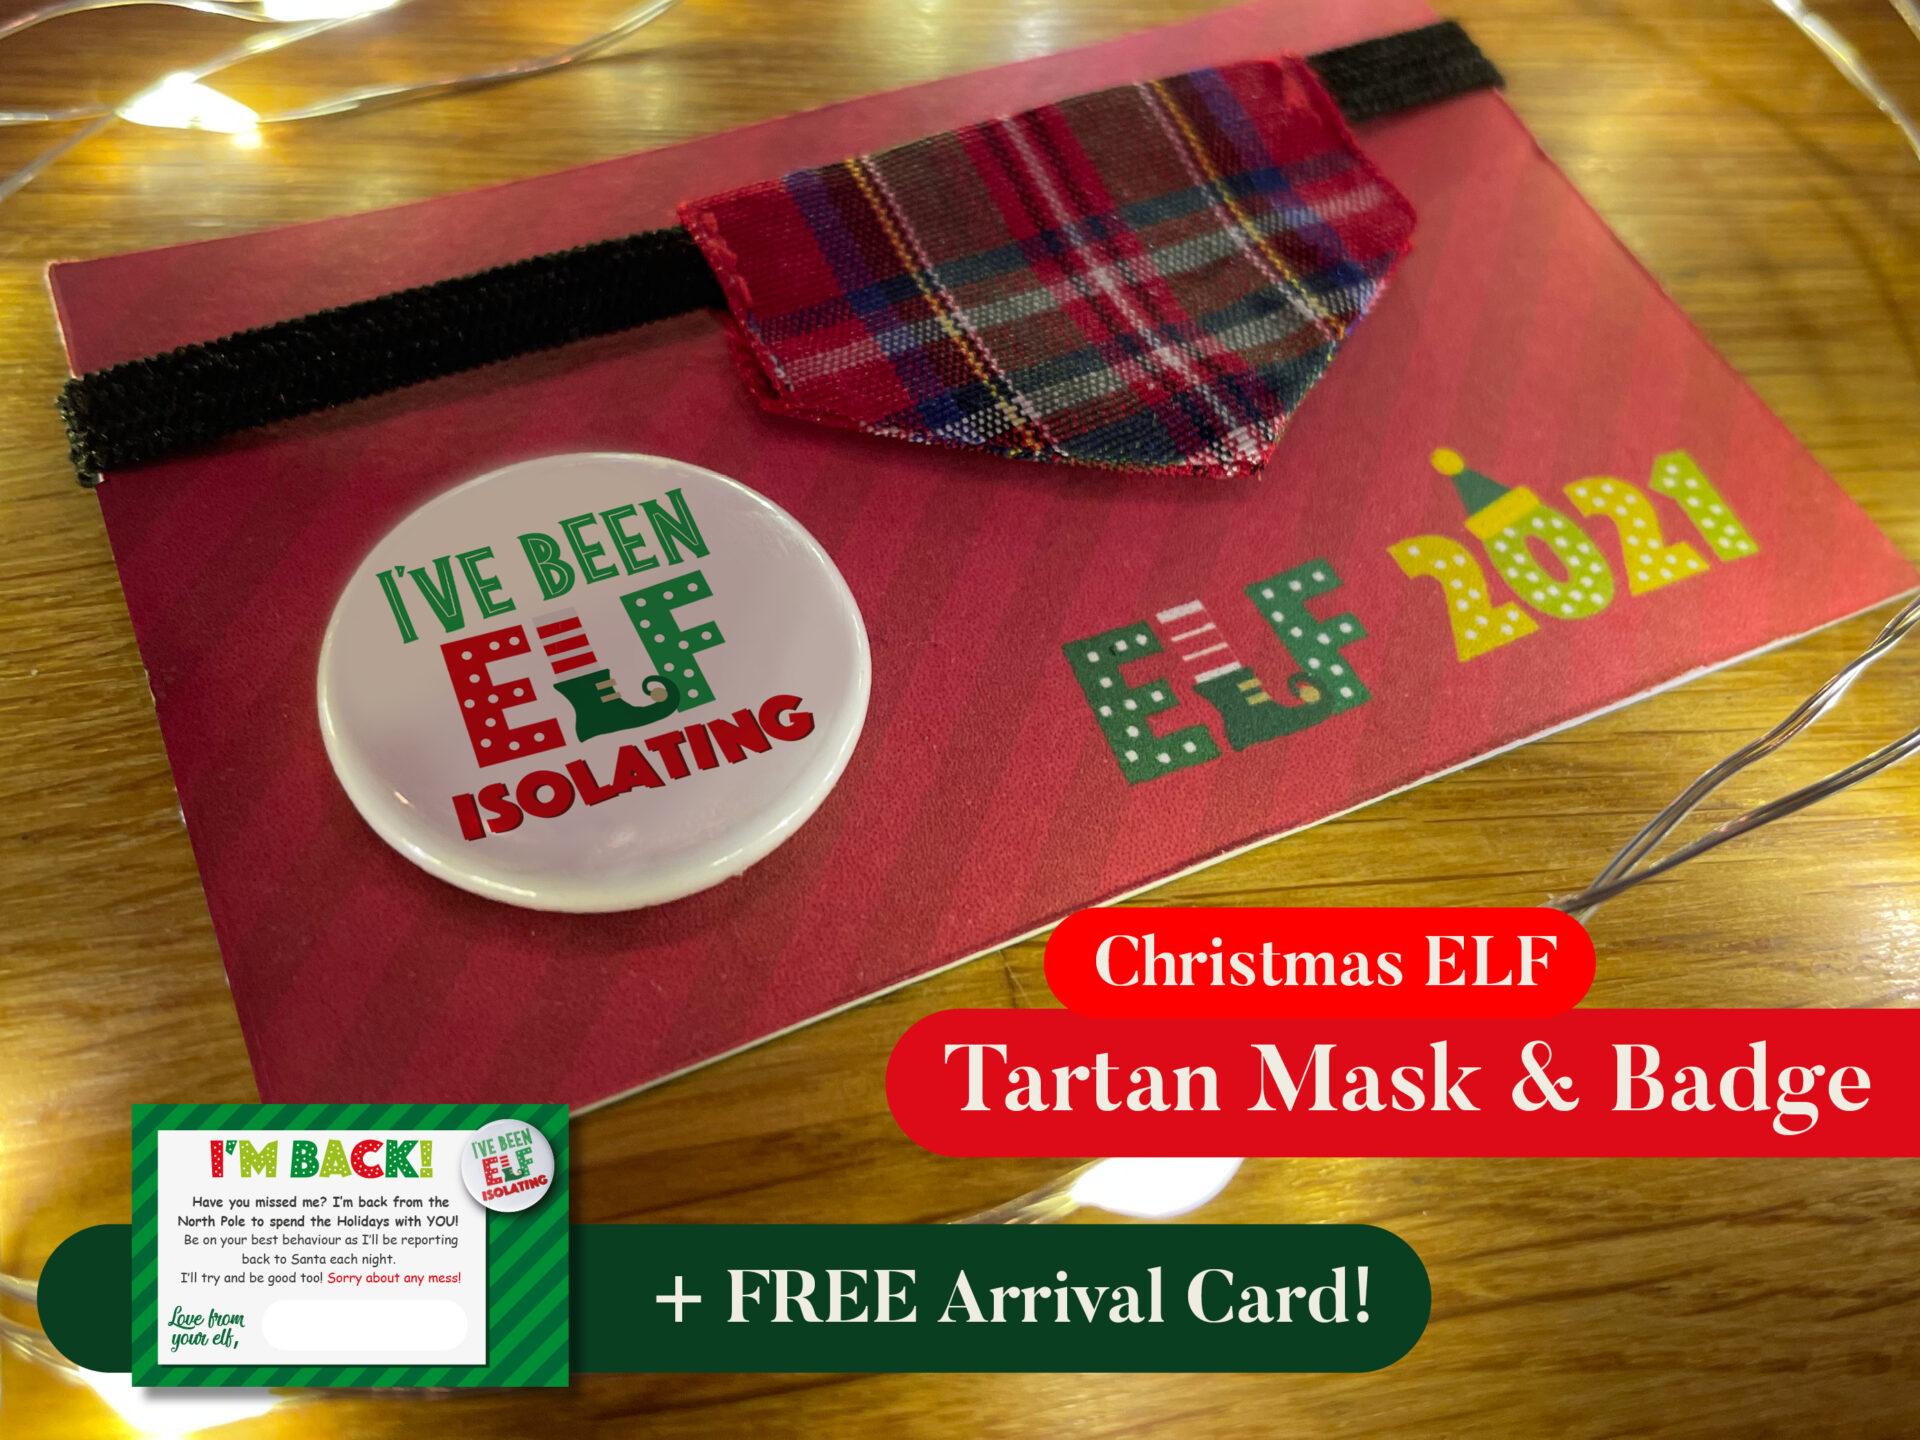 Elf Face Mask + Badge